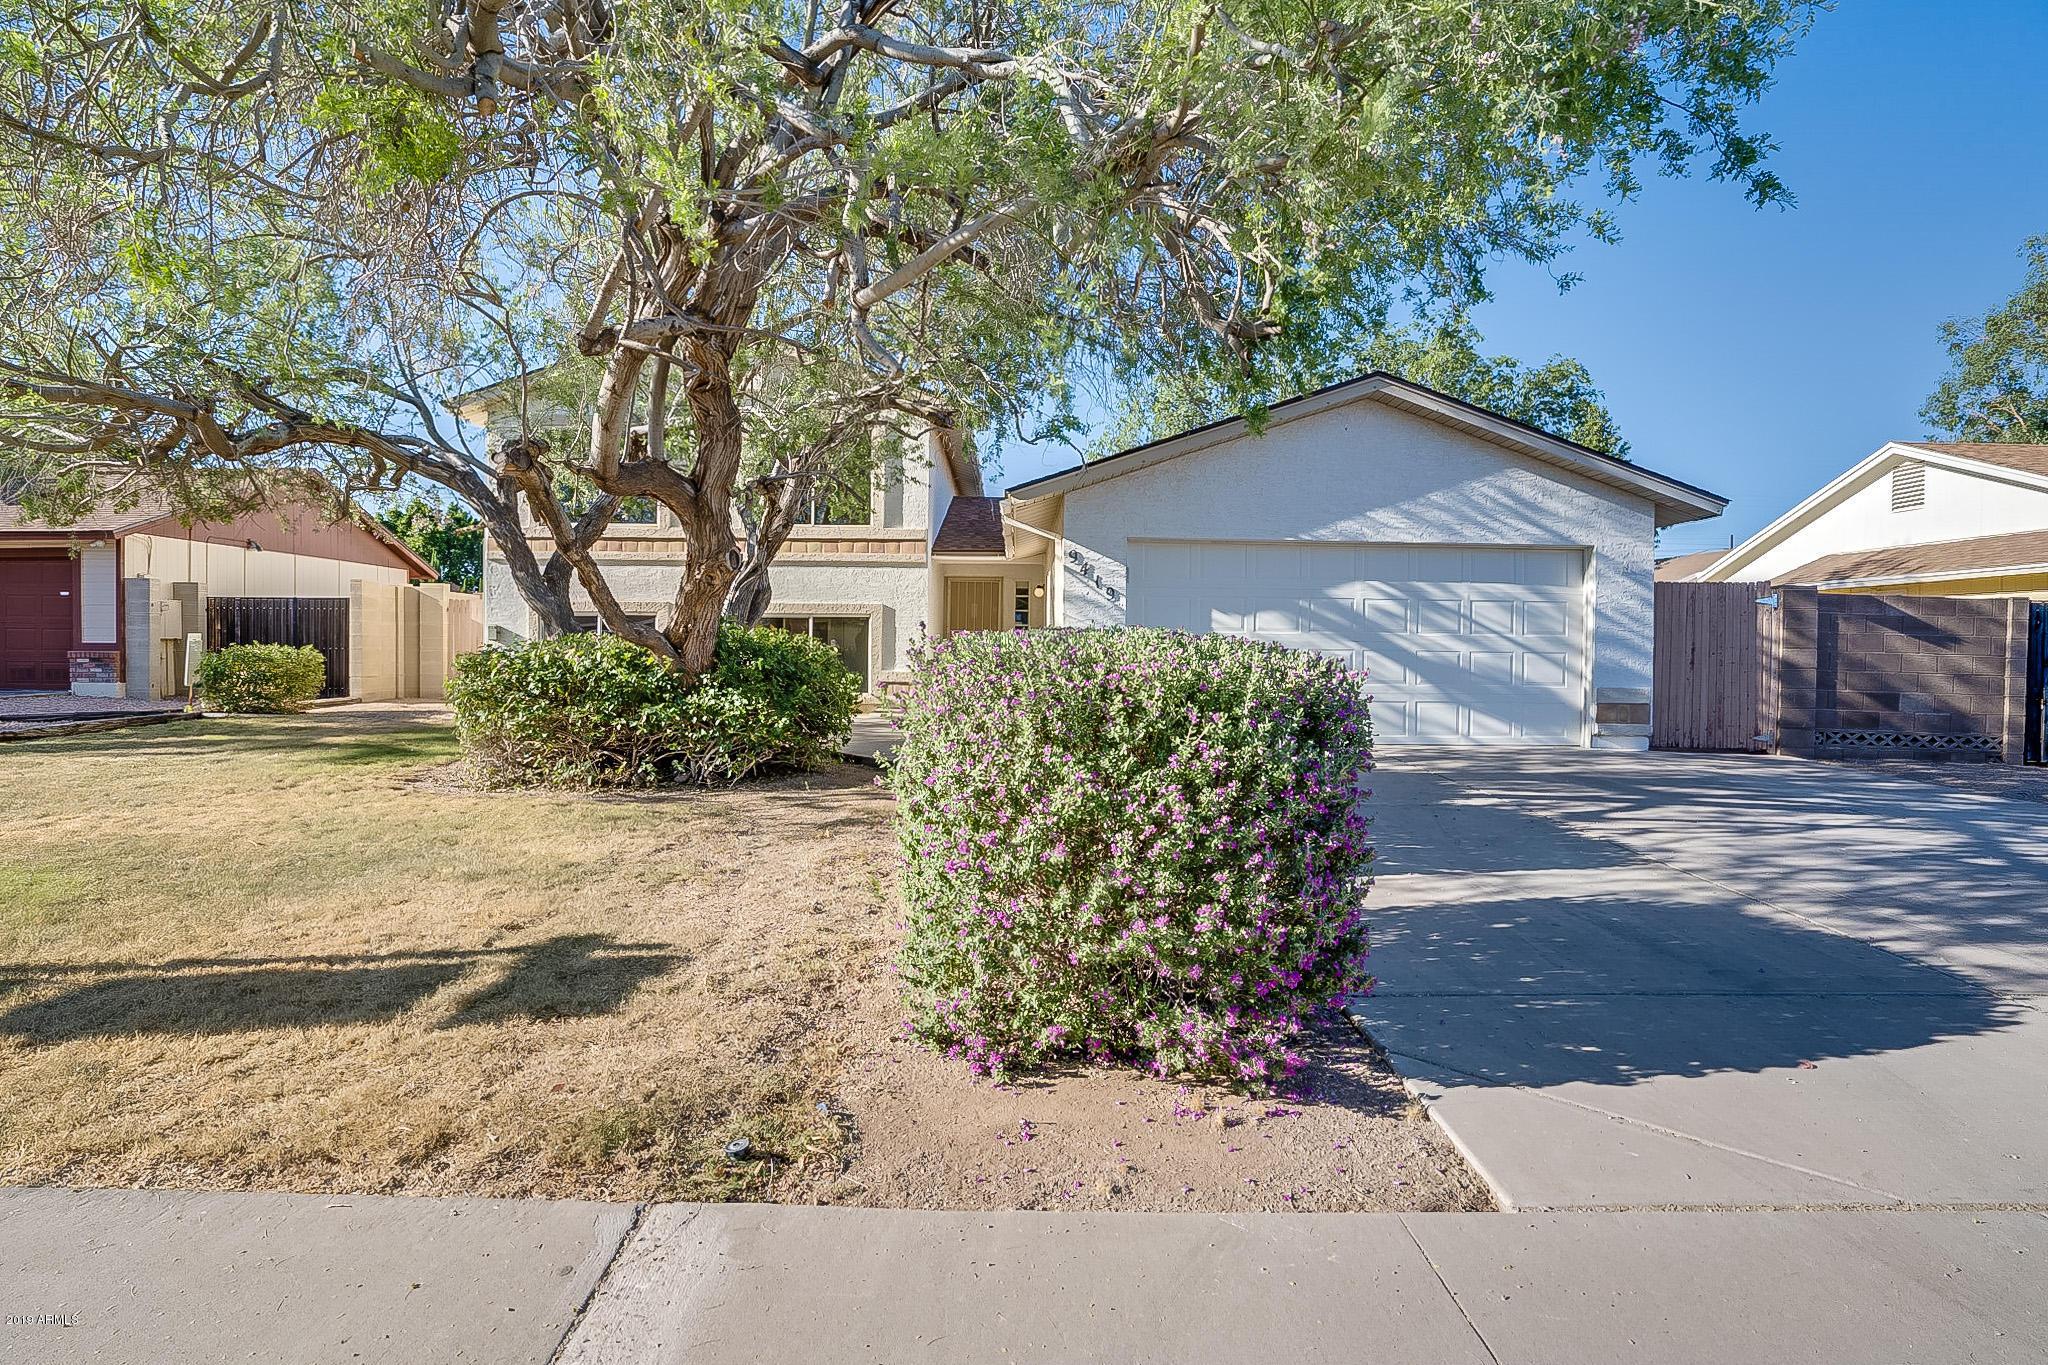 Photo of 9419 E FLANDERS Road, Mesa, AZ 85207